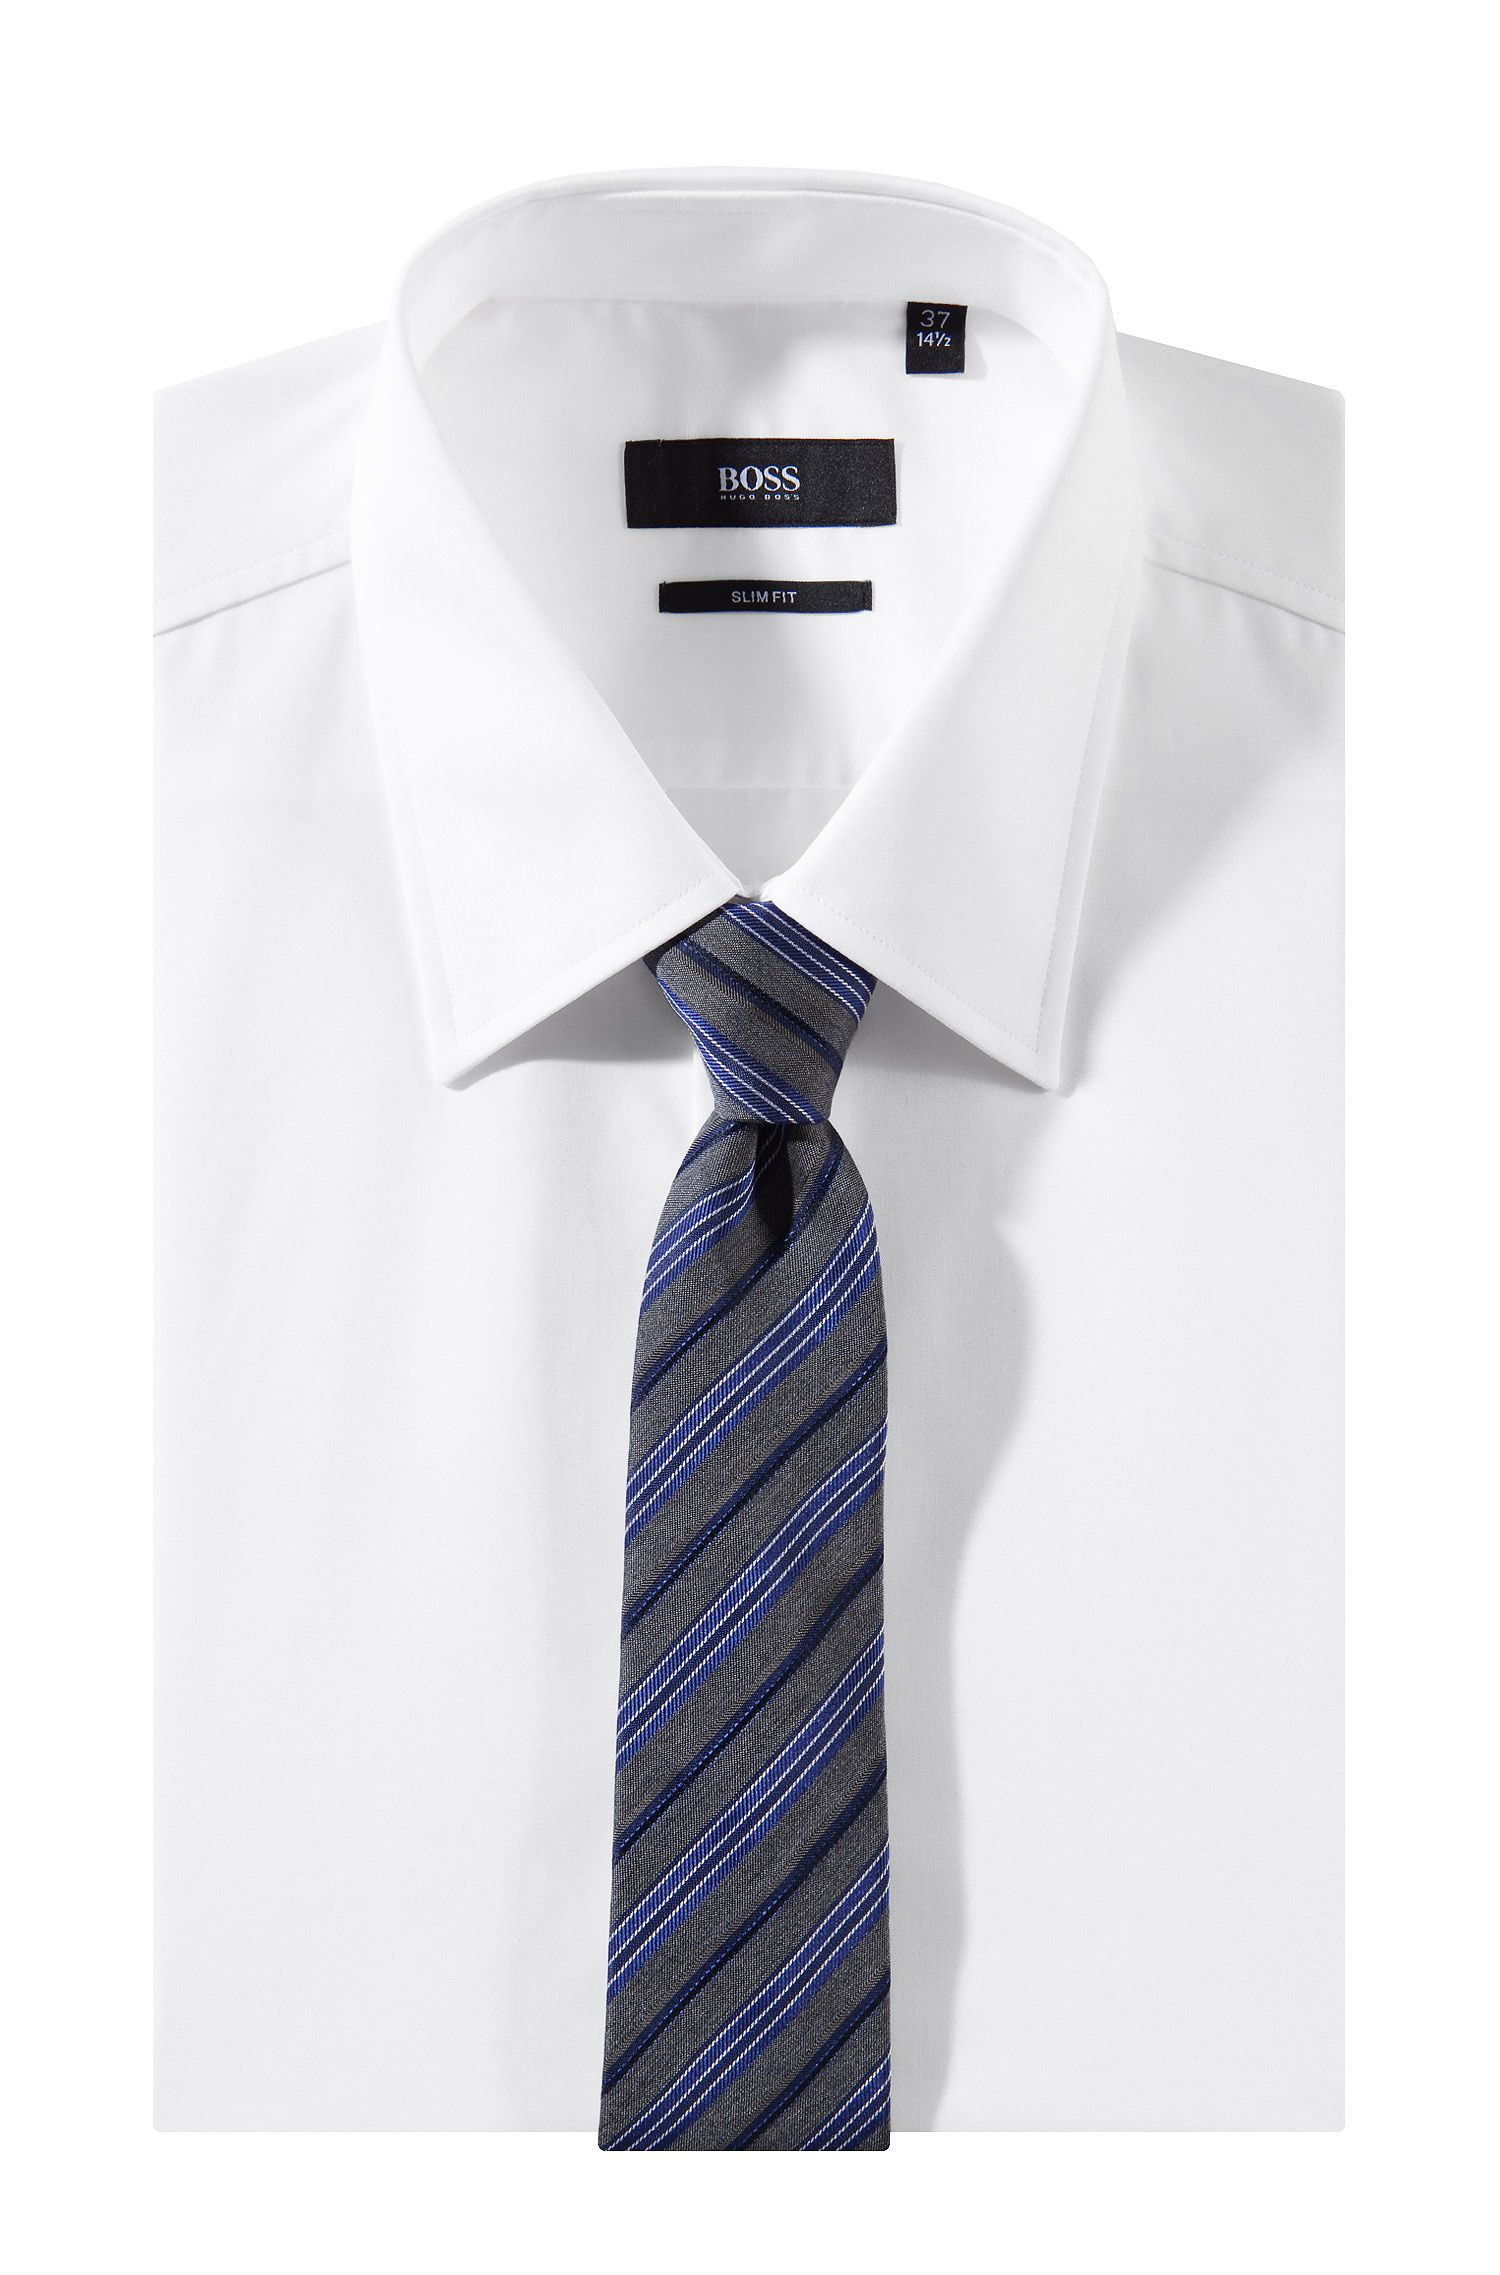 Cravate à motif à rayures, Tie 6 cm